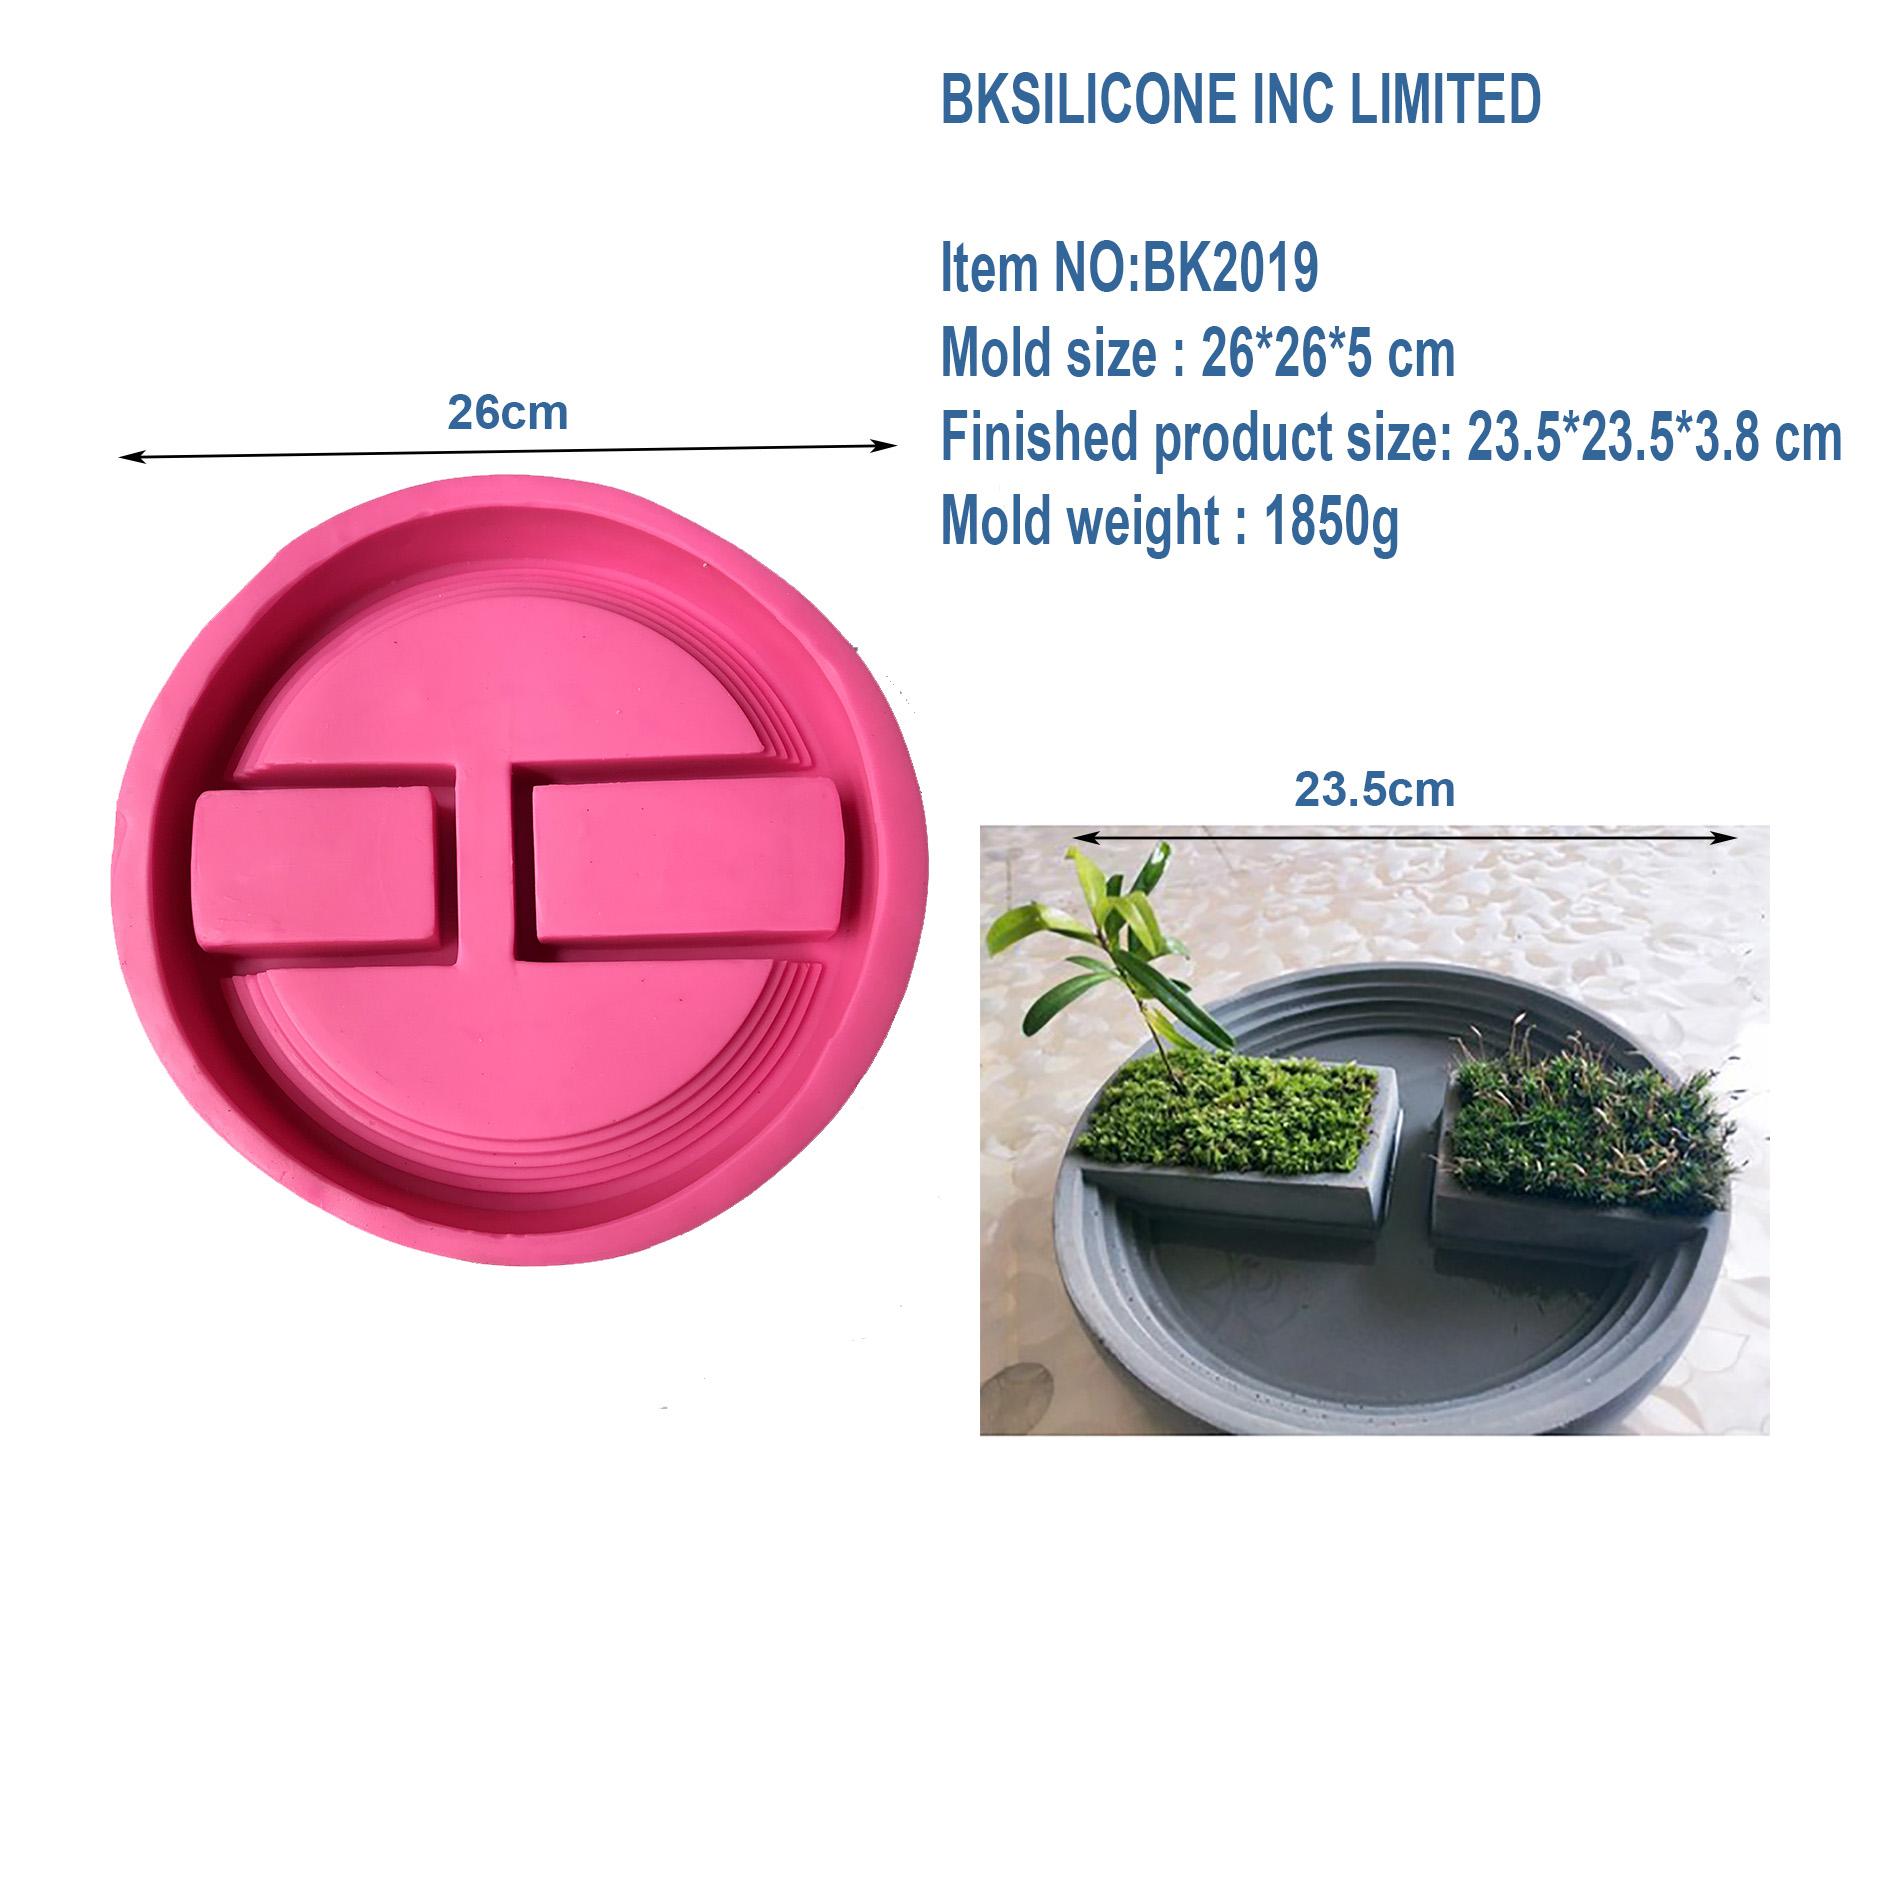 BK2019 bulat beton beton tangga pot bunga floral floral silikon cetakan  kepribadian pot cetakan Silikon Cetakan Beton dari bksilicone 7749616770